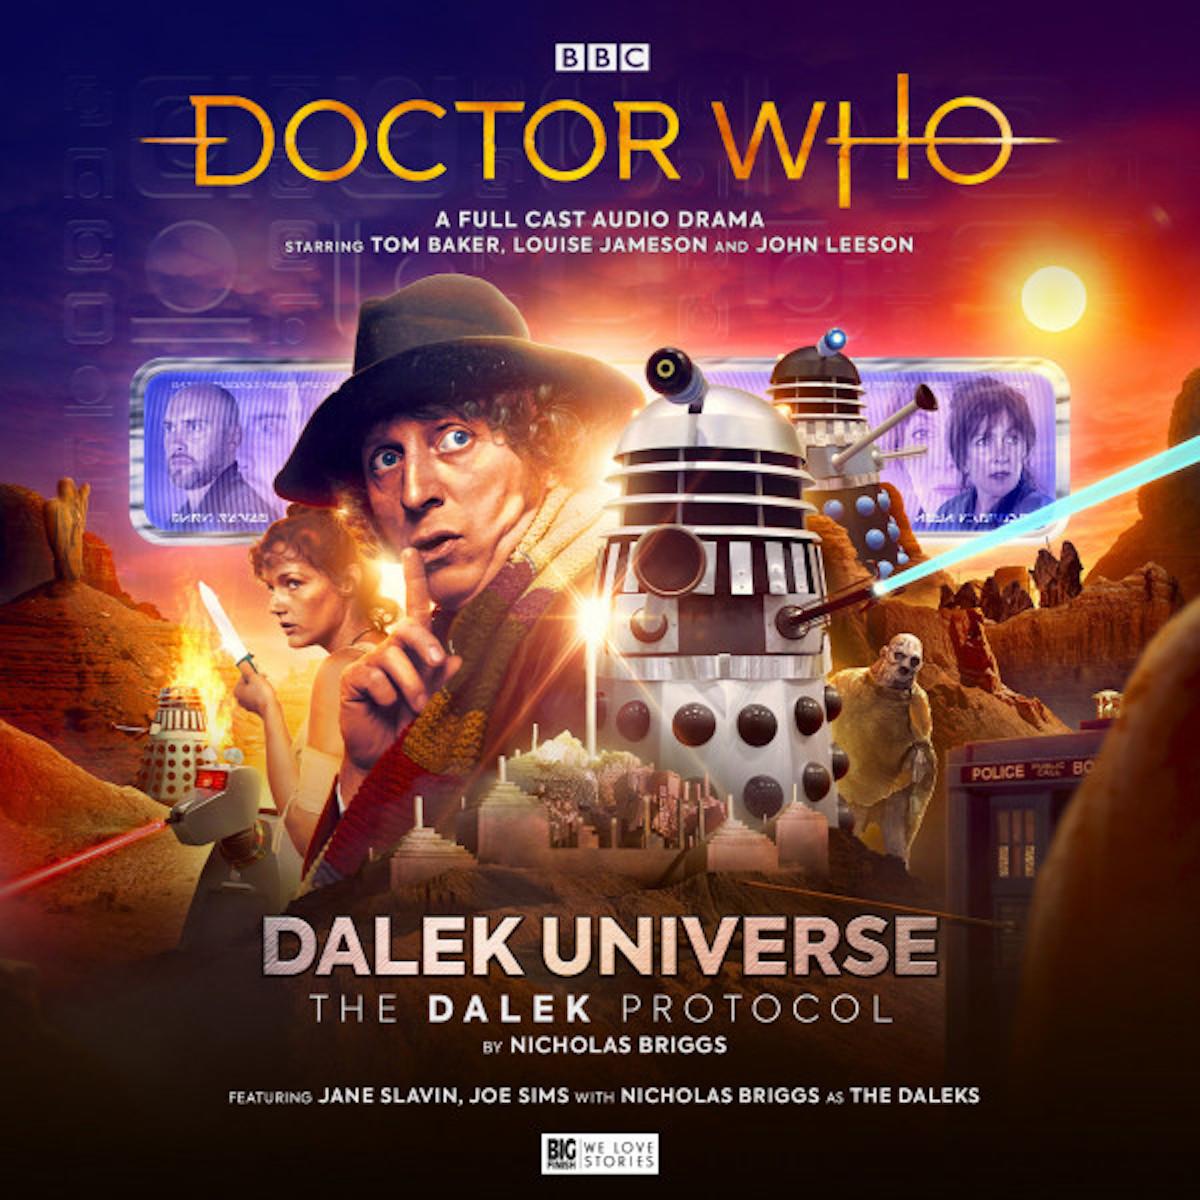 Dalek Universe - The Dalek Protocol